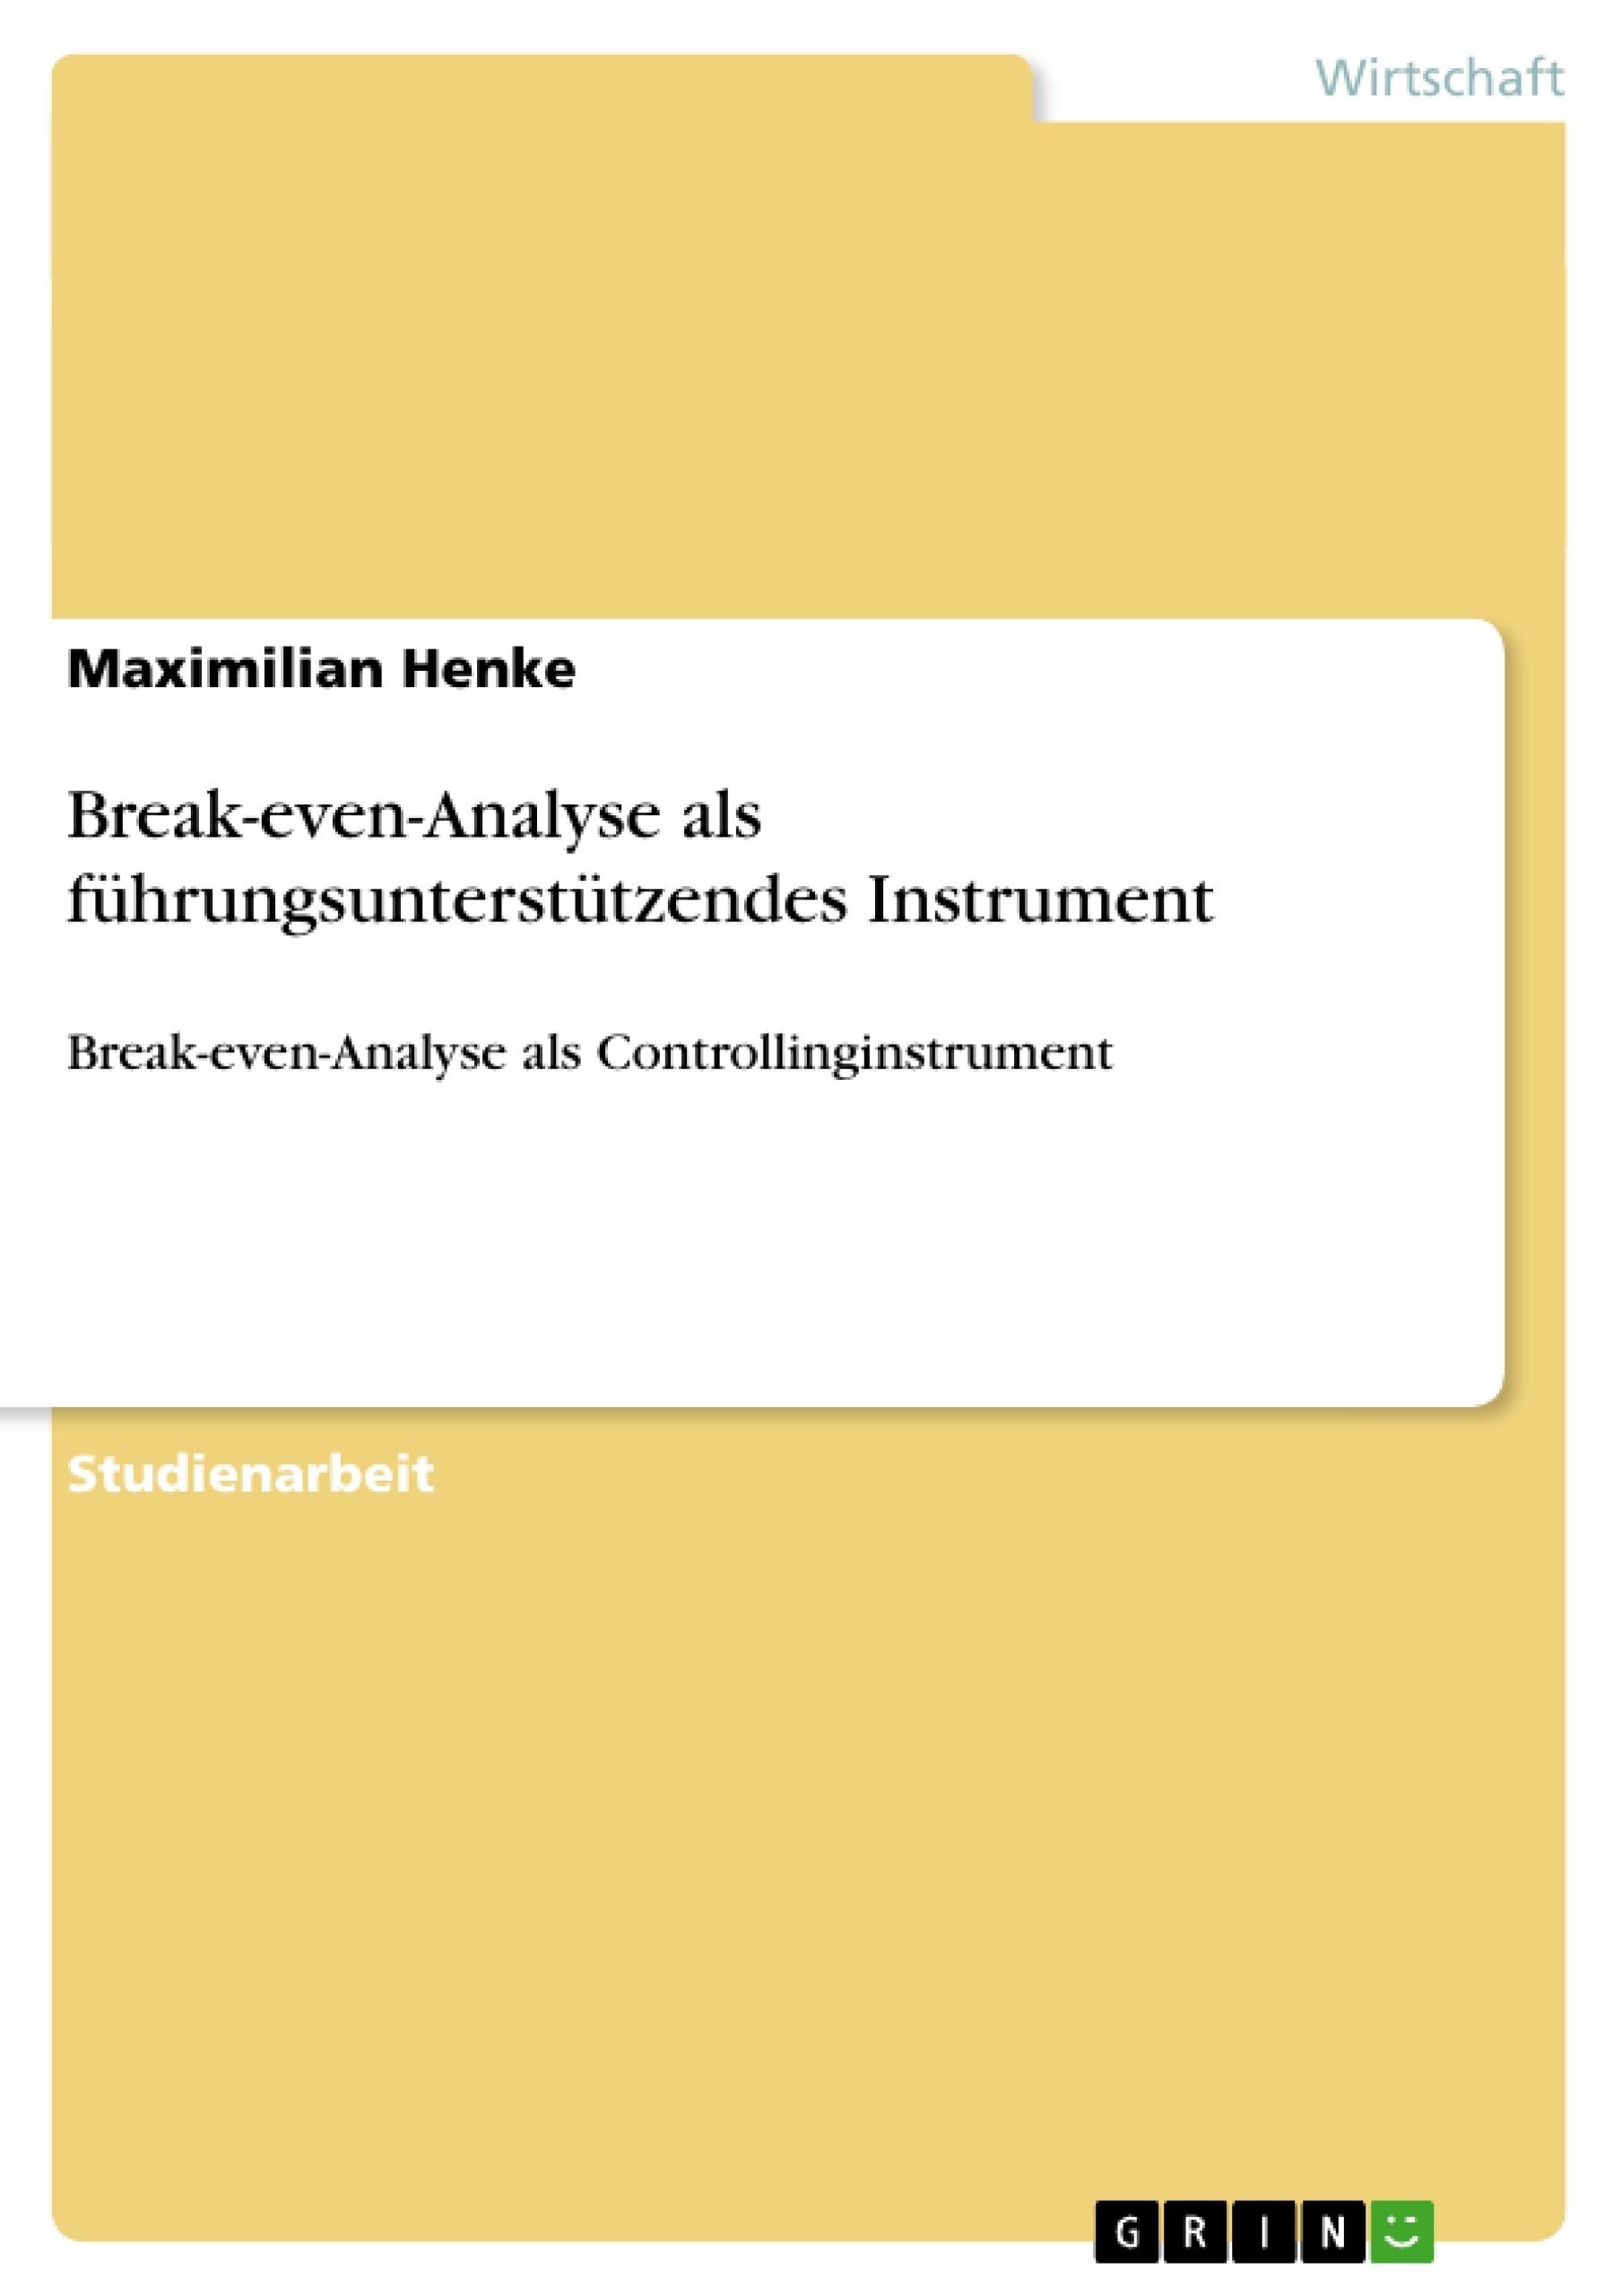 Titel: Break-even-Analyse als führungsunterstützendes Instrument